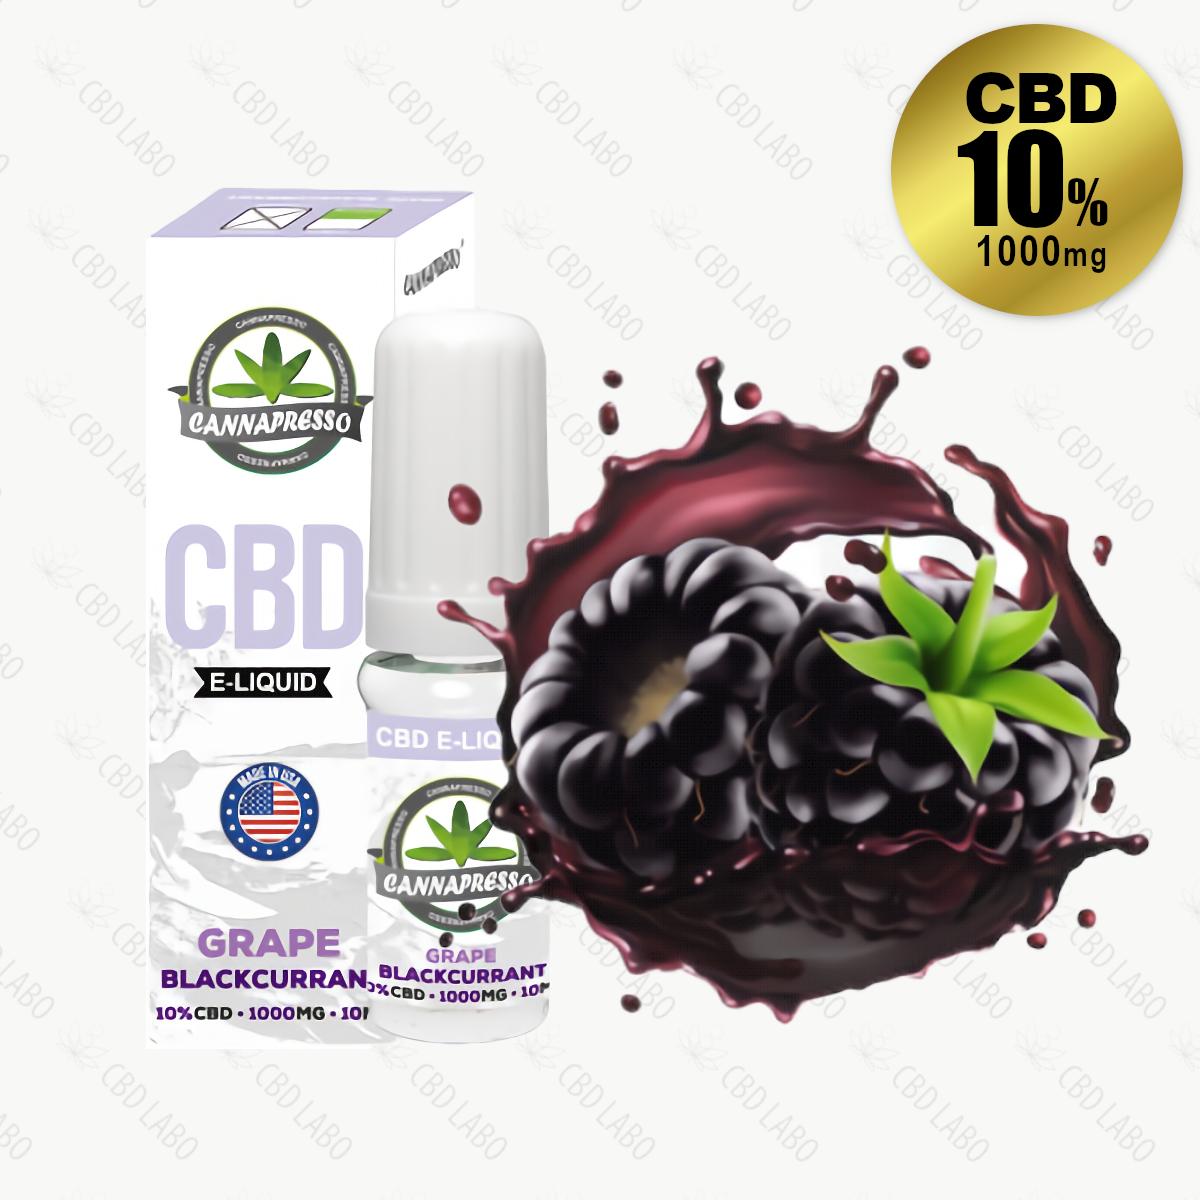 【送料無料】CANNAPRESSO CBDリキッド グレープ・ブラックカラント 10ml CBD含有量1,000mg (10%)